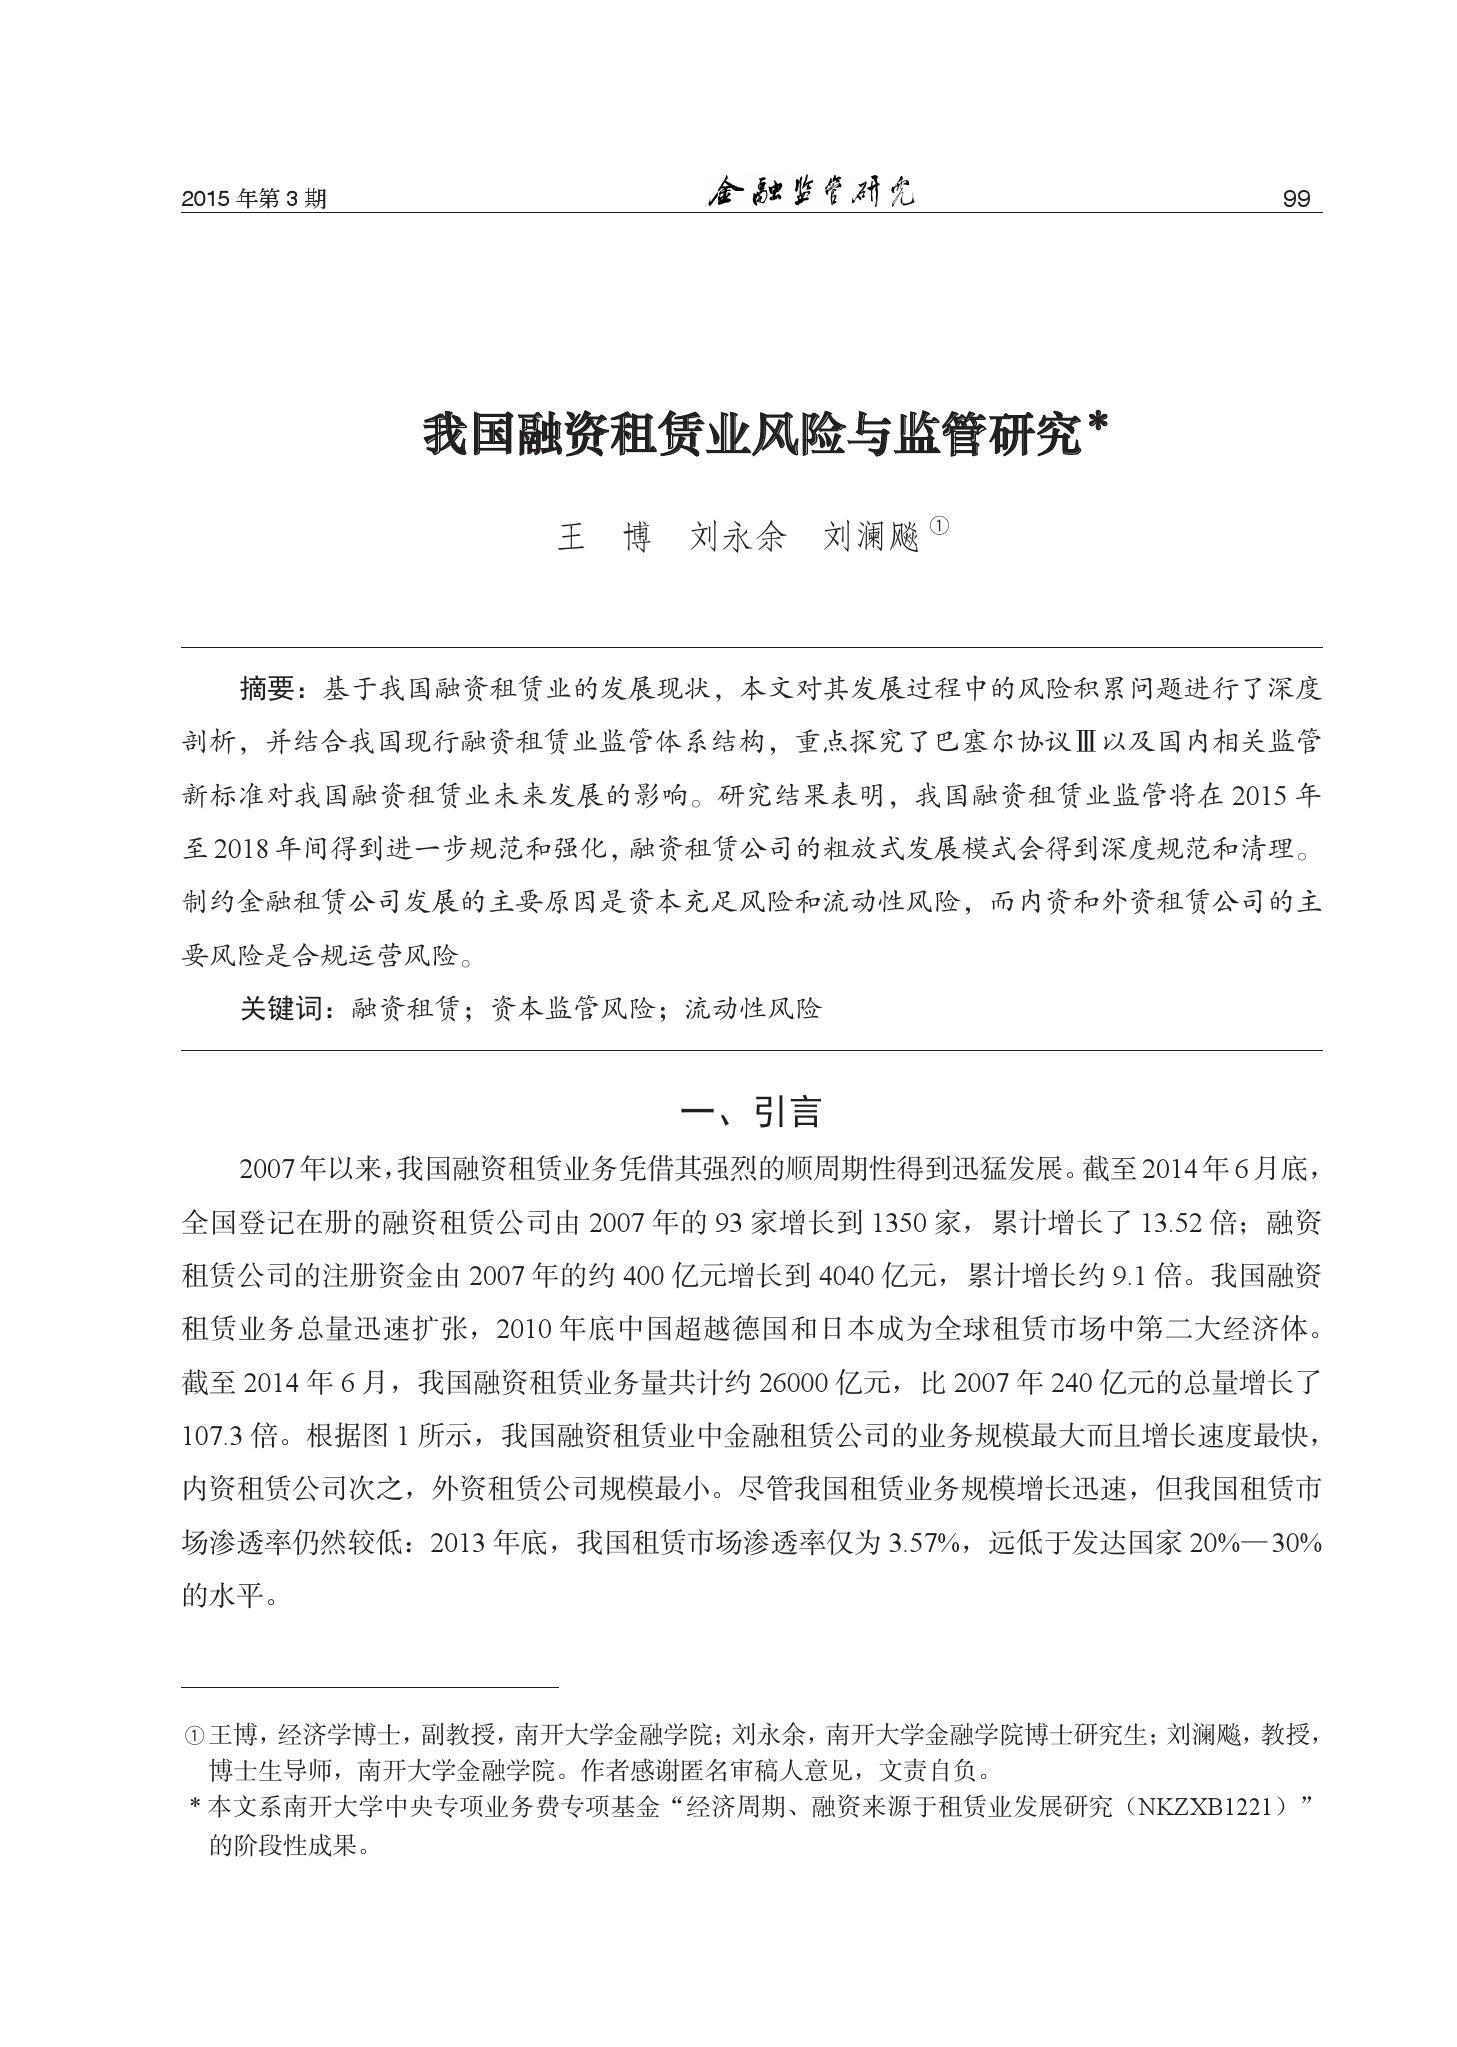 我国融资租赁业风险与监管研究_000001